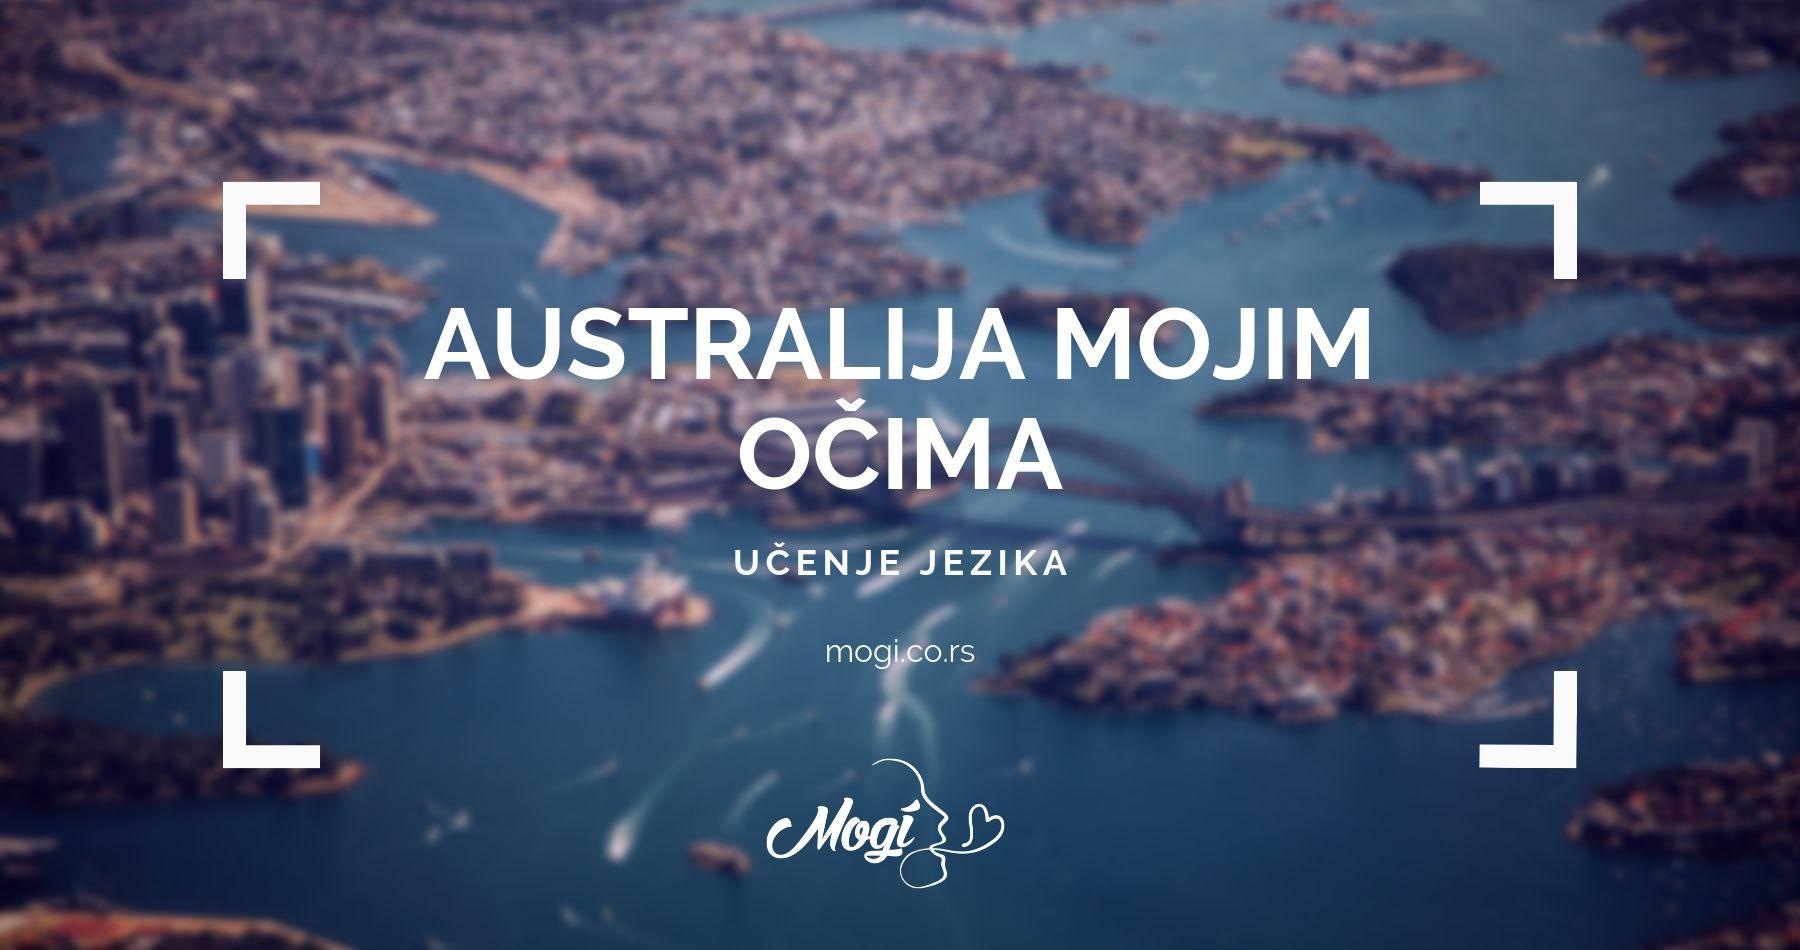 Australija mojim očima na blogu škole za jezike Mogi